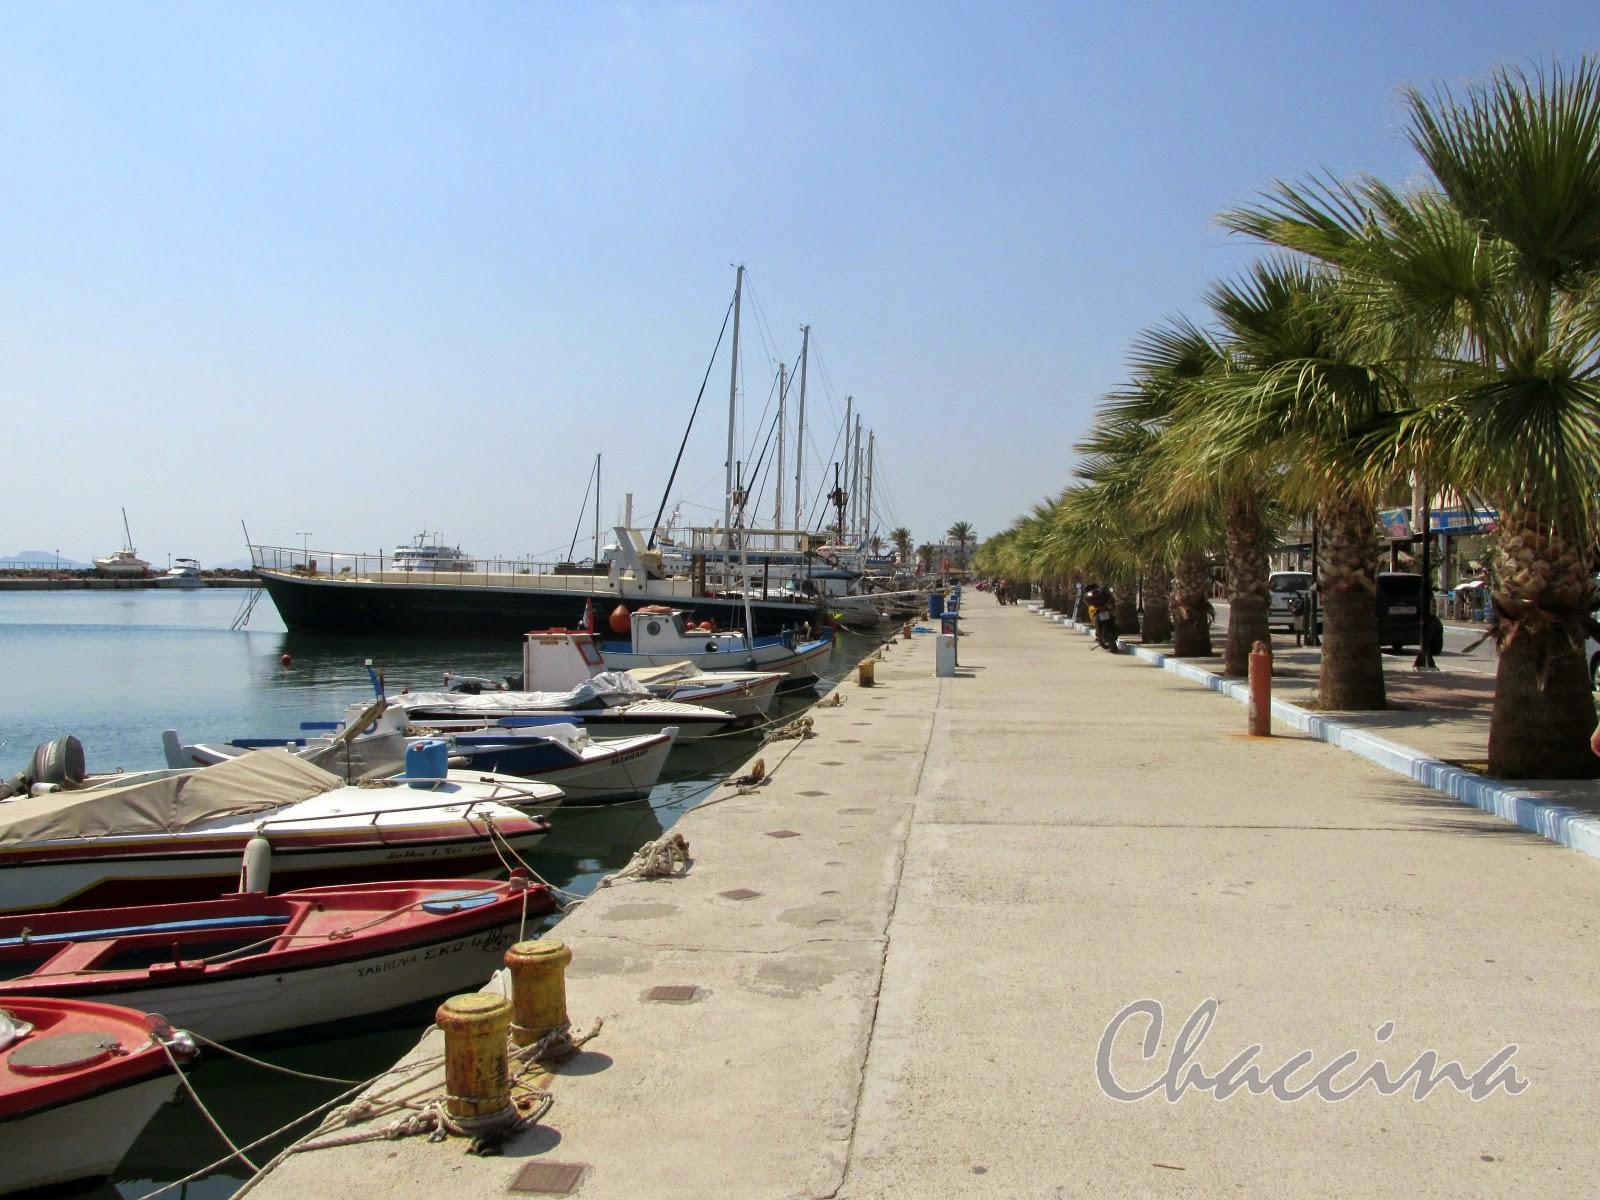 Der Hafen von Kardamena / Chaccina Lifestyleblog